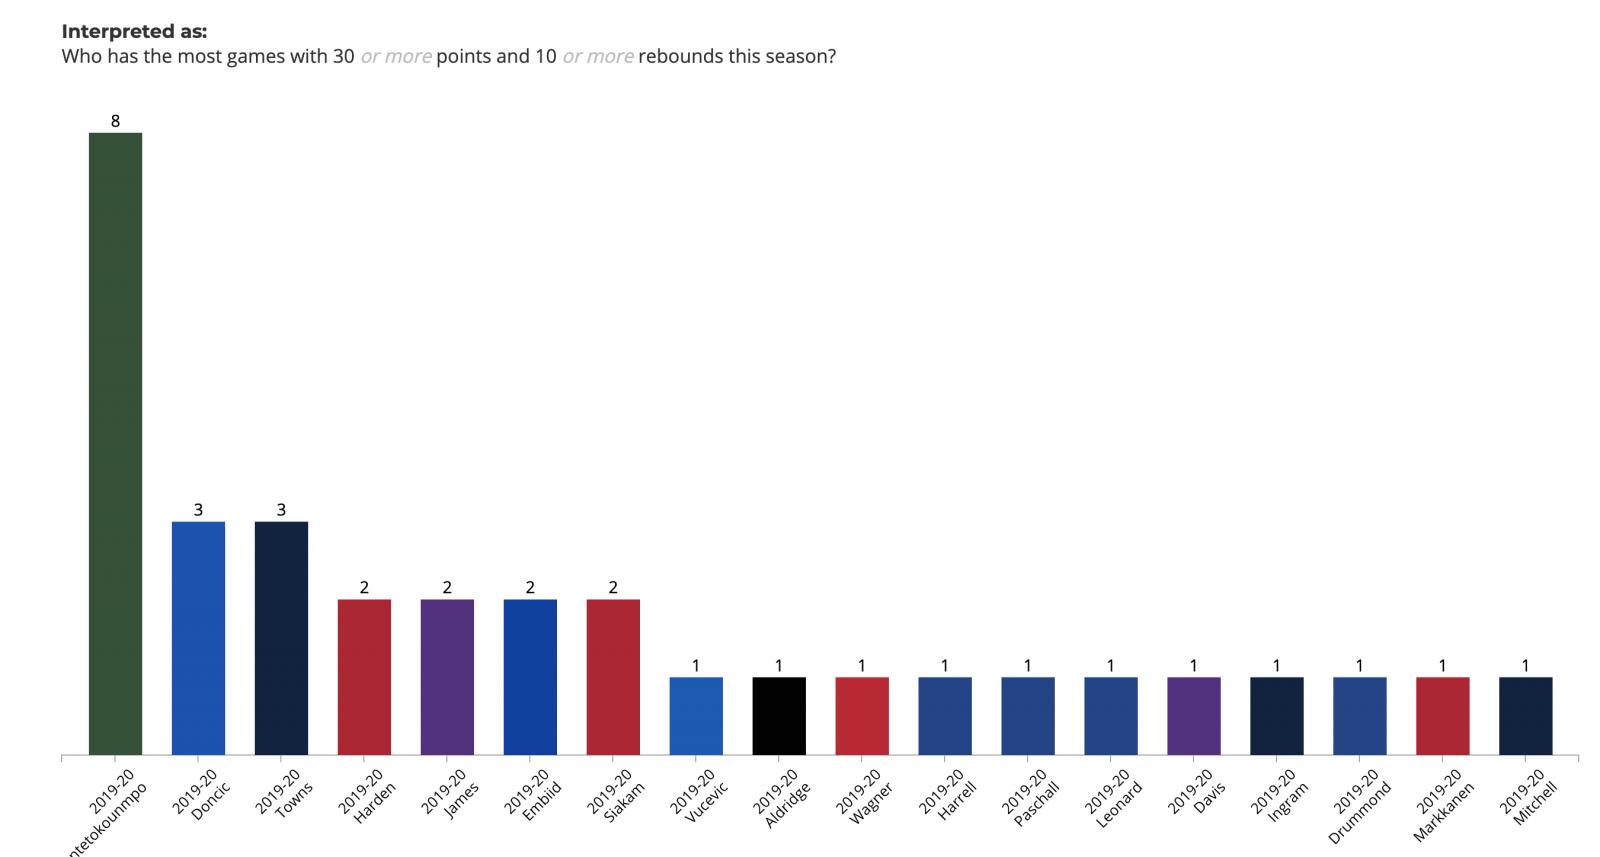 字母哥全场8次失误平生涯最高,8场30+10位联盟第一